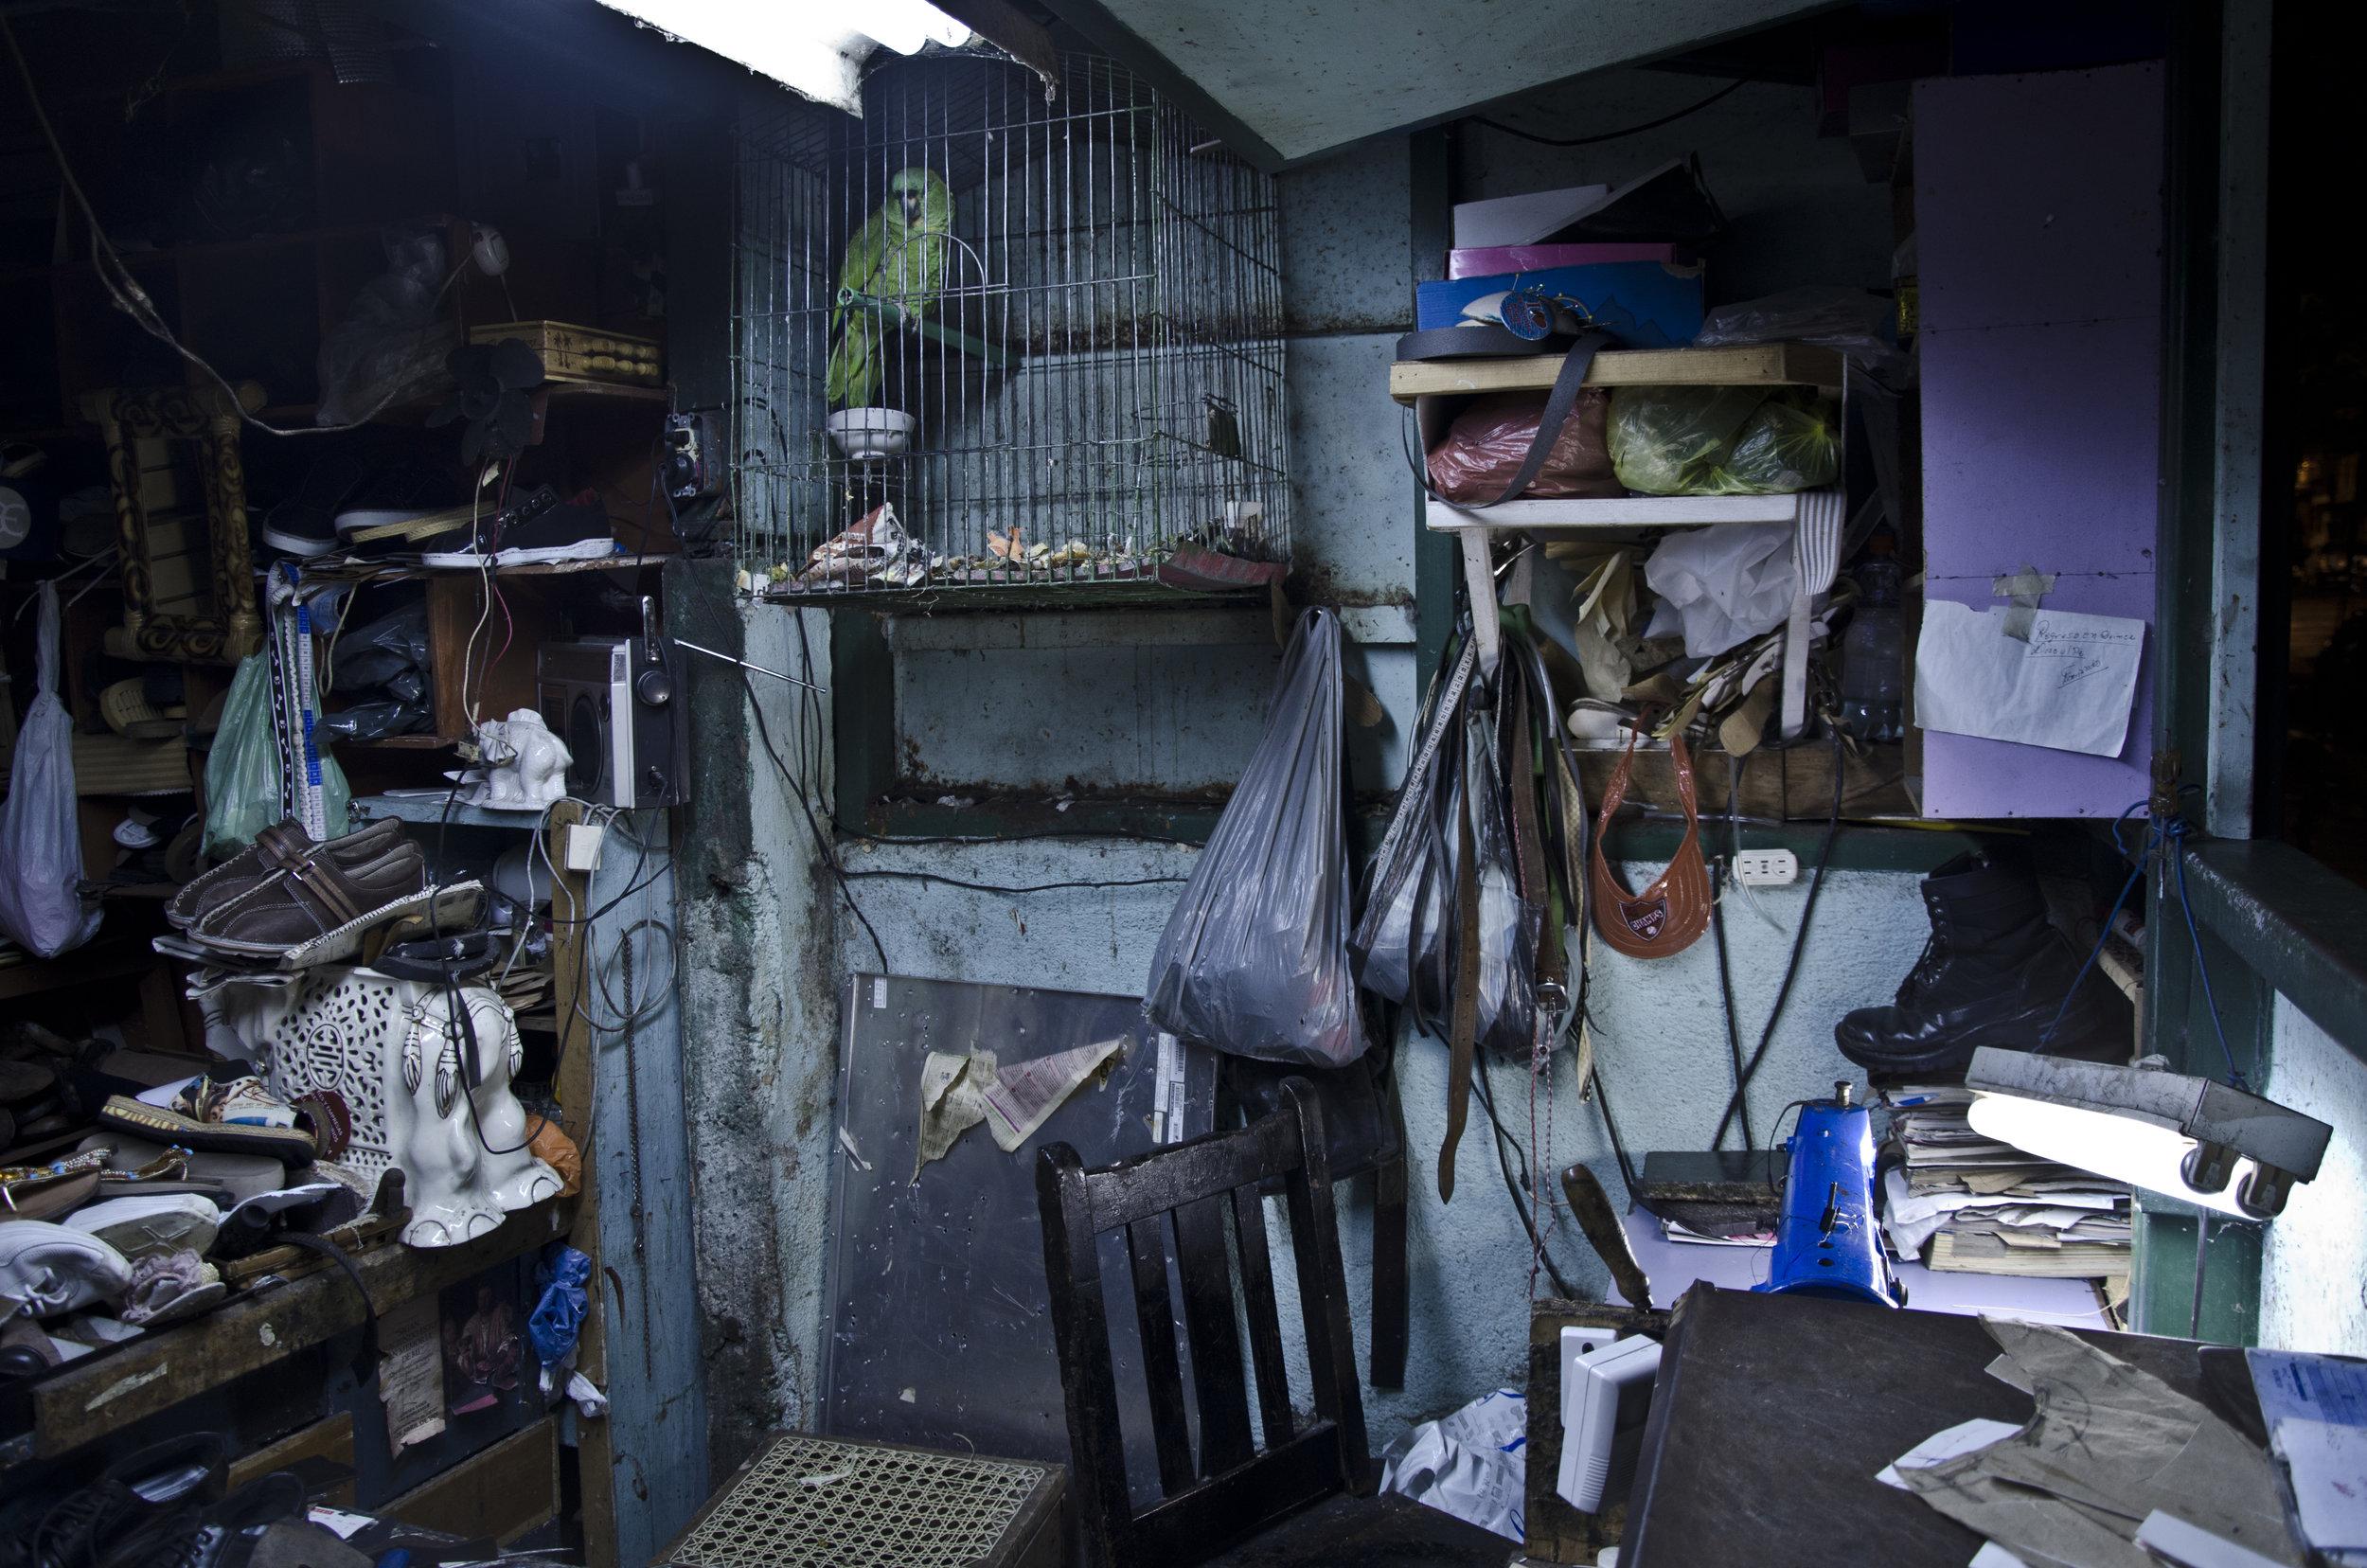 dentro de una zapatería en Costa Rica - Un registro visual y sonoro de un oficio en crisis en tiempos modernos en las capitales latinoamericanas: el de zapatero. Más.